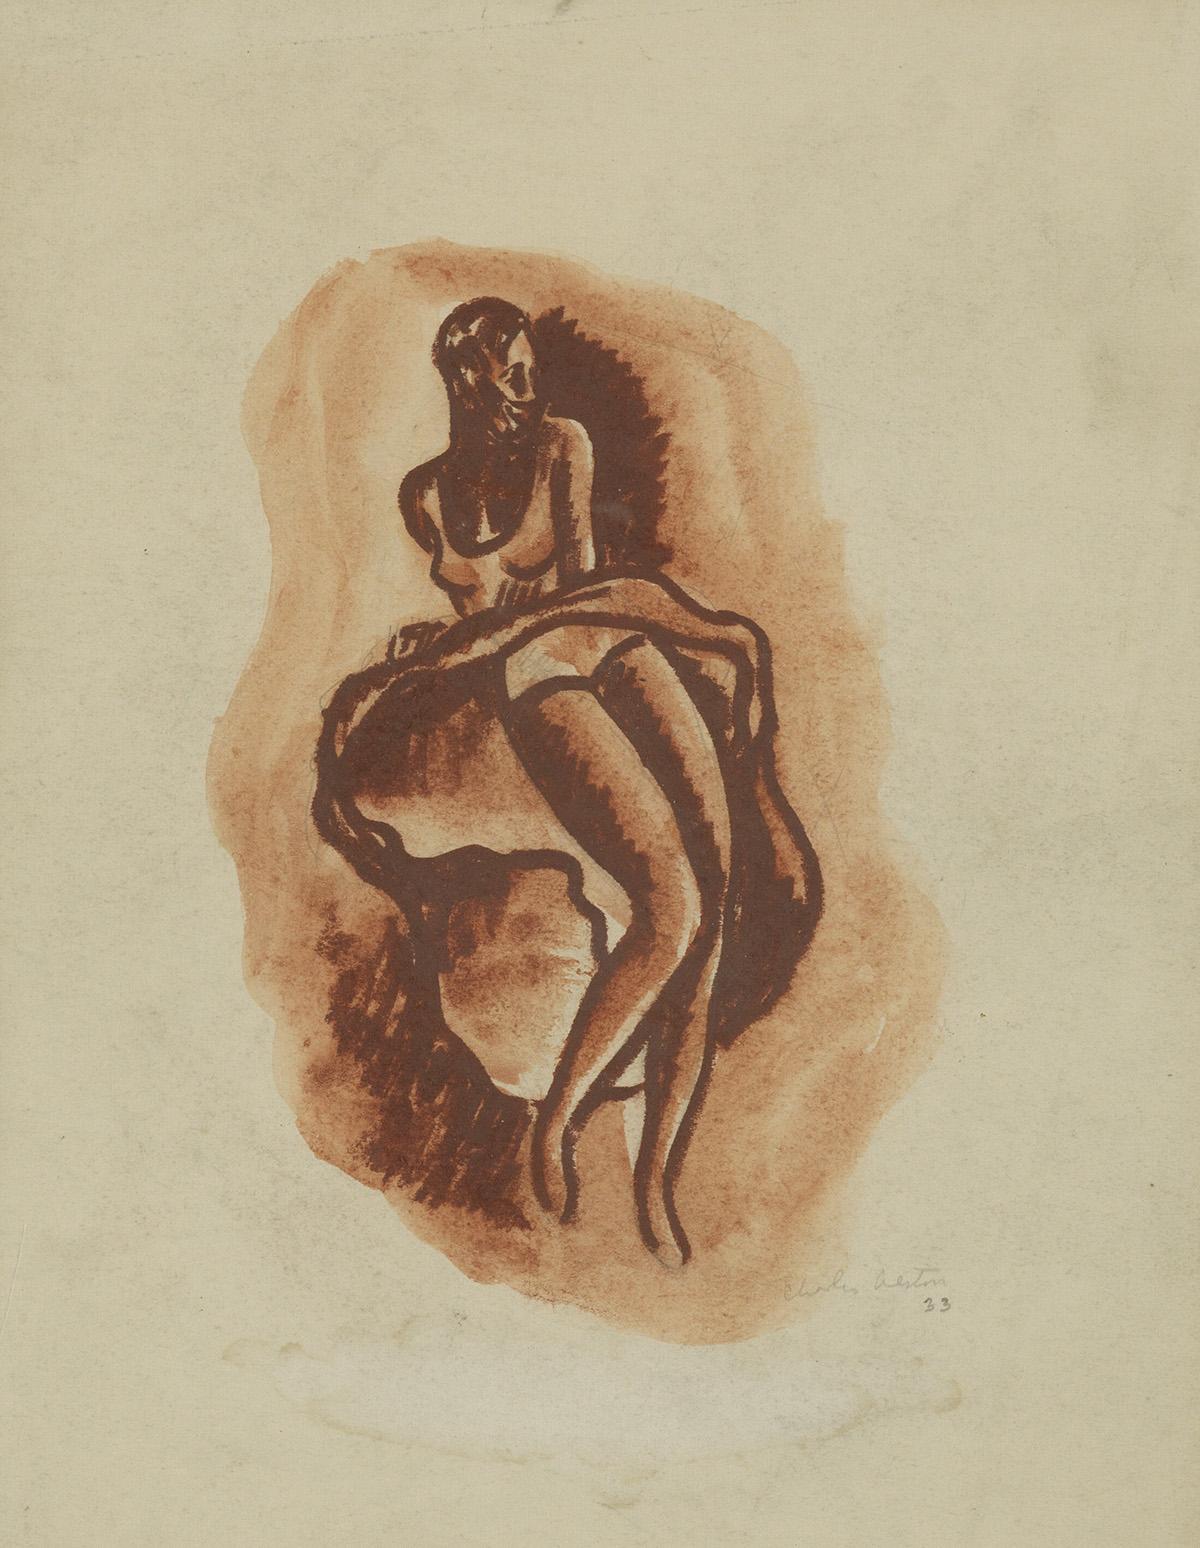 CHARLES-ALSTON-(1907---1977)-Cotton-Club-Dancer